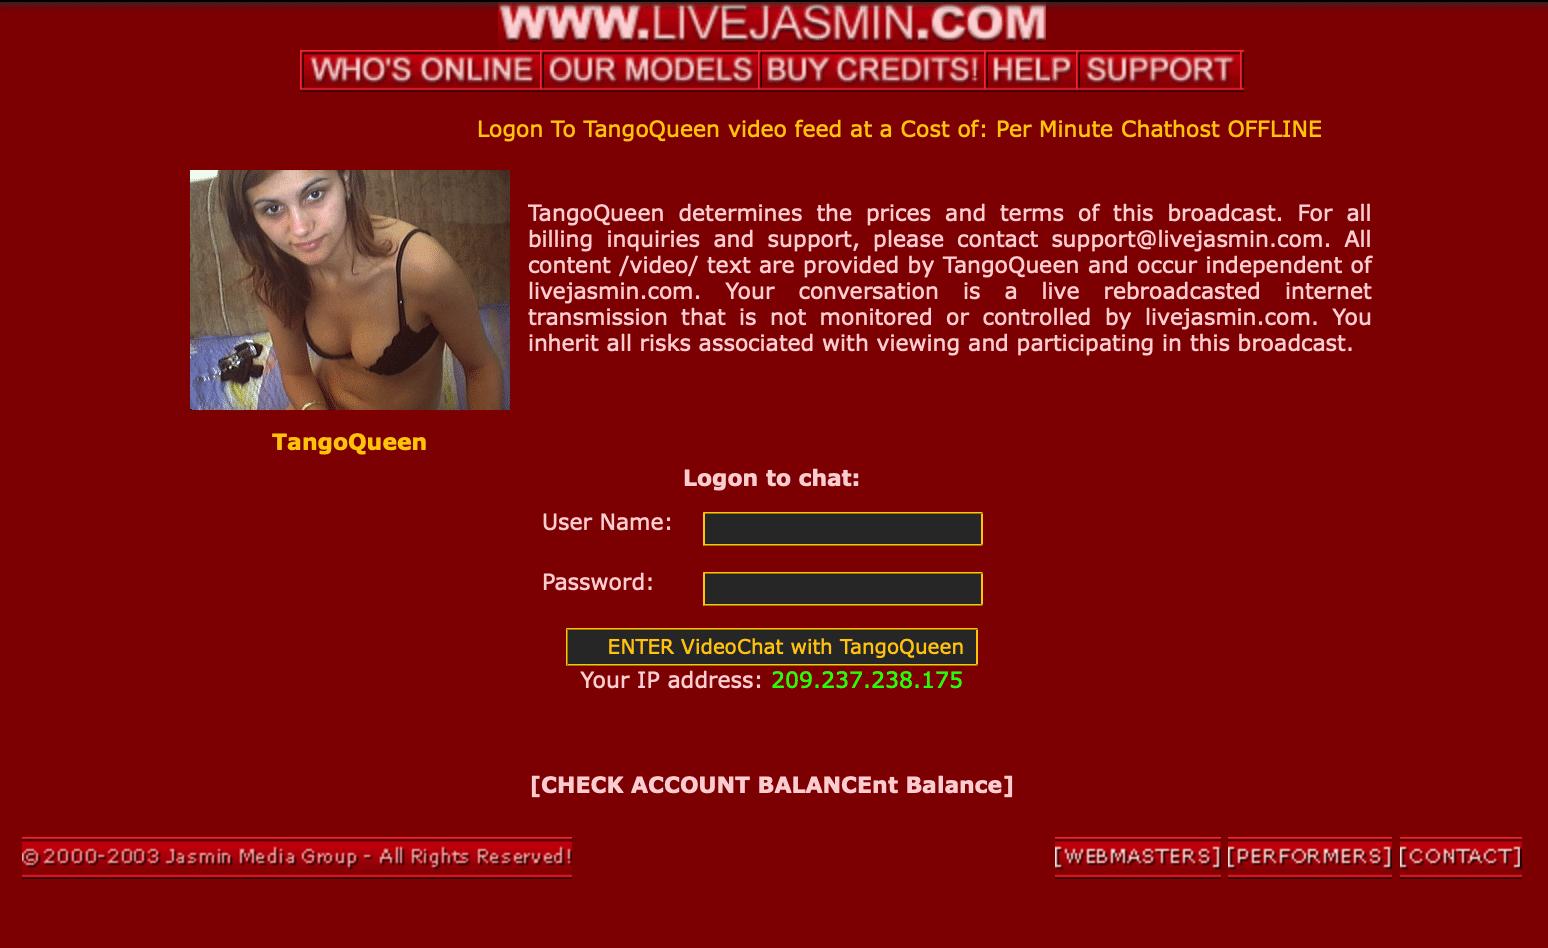 Old version of livejasmin 2003 models page